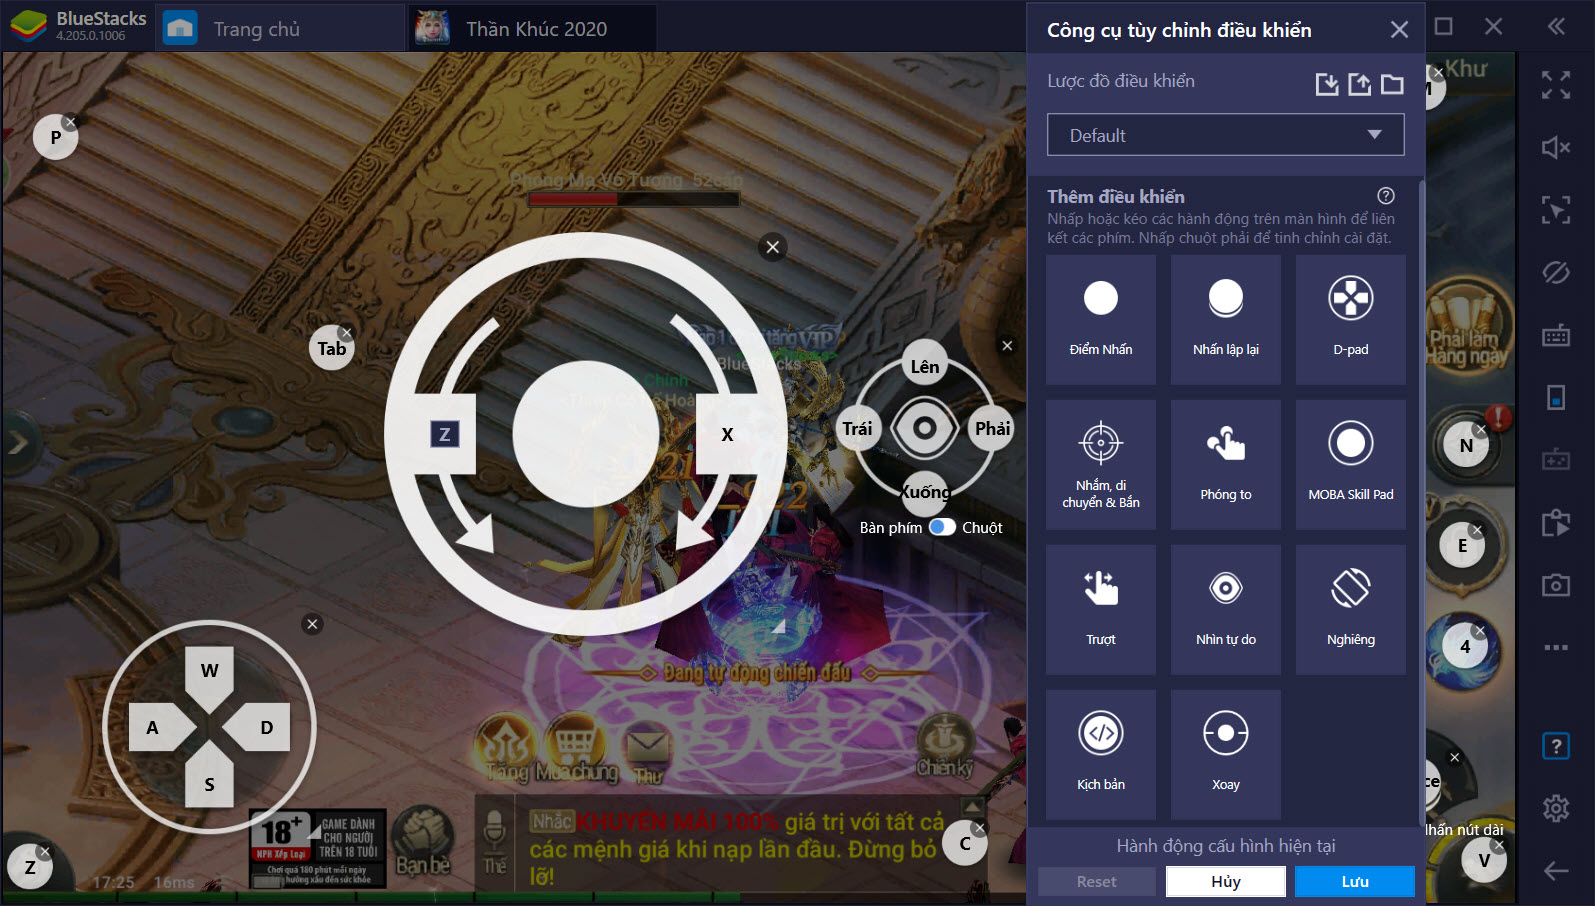 Thiết lập Game Controls tối ưu PvP trong Thần Khúc 2020